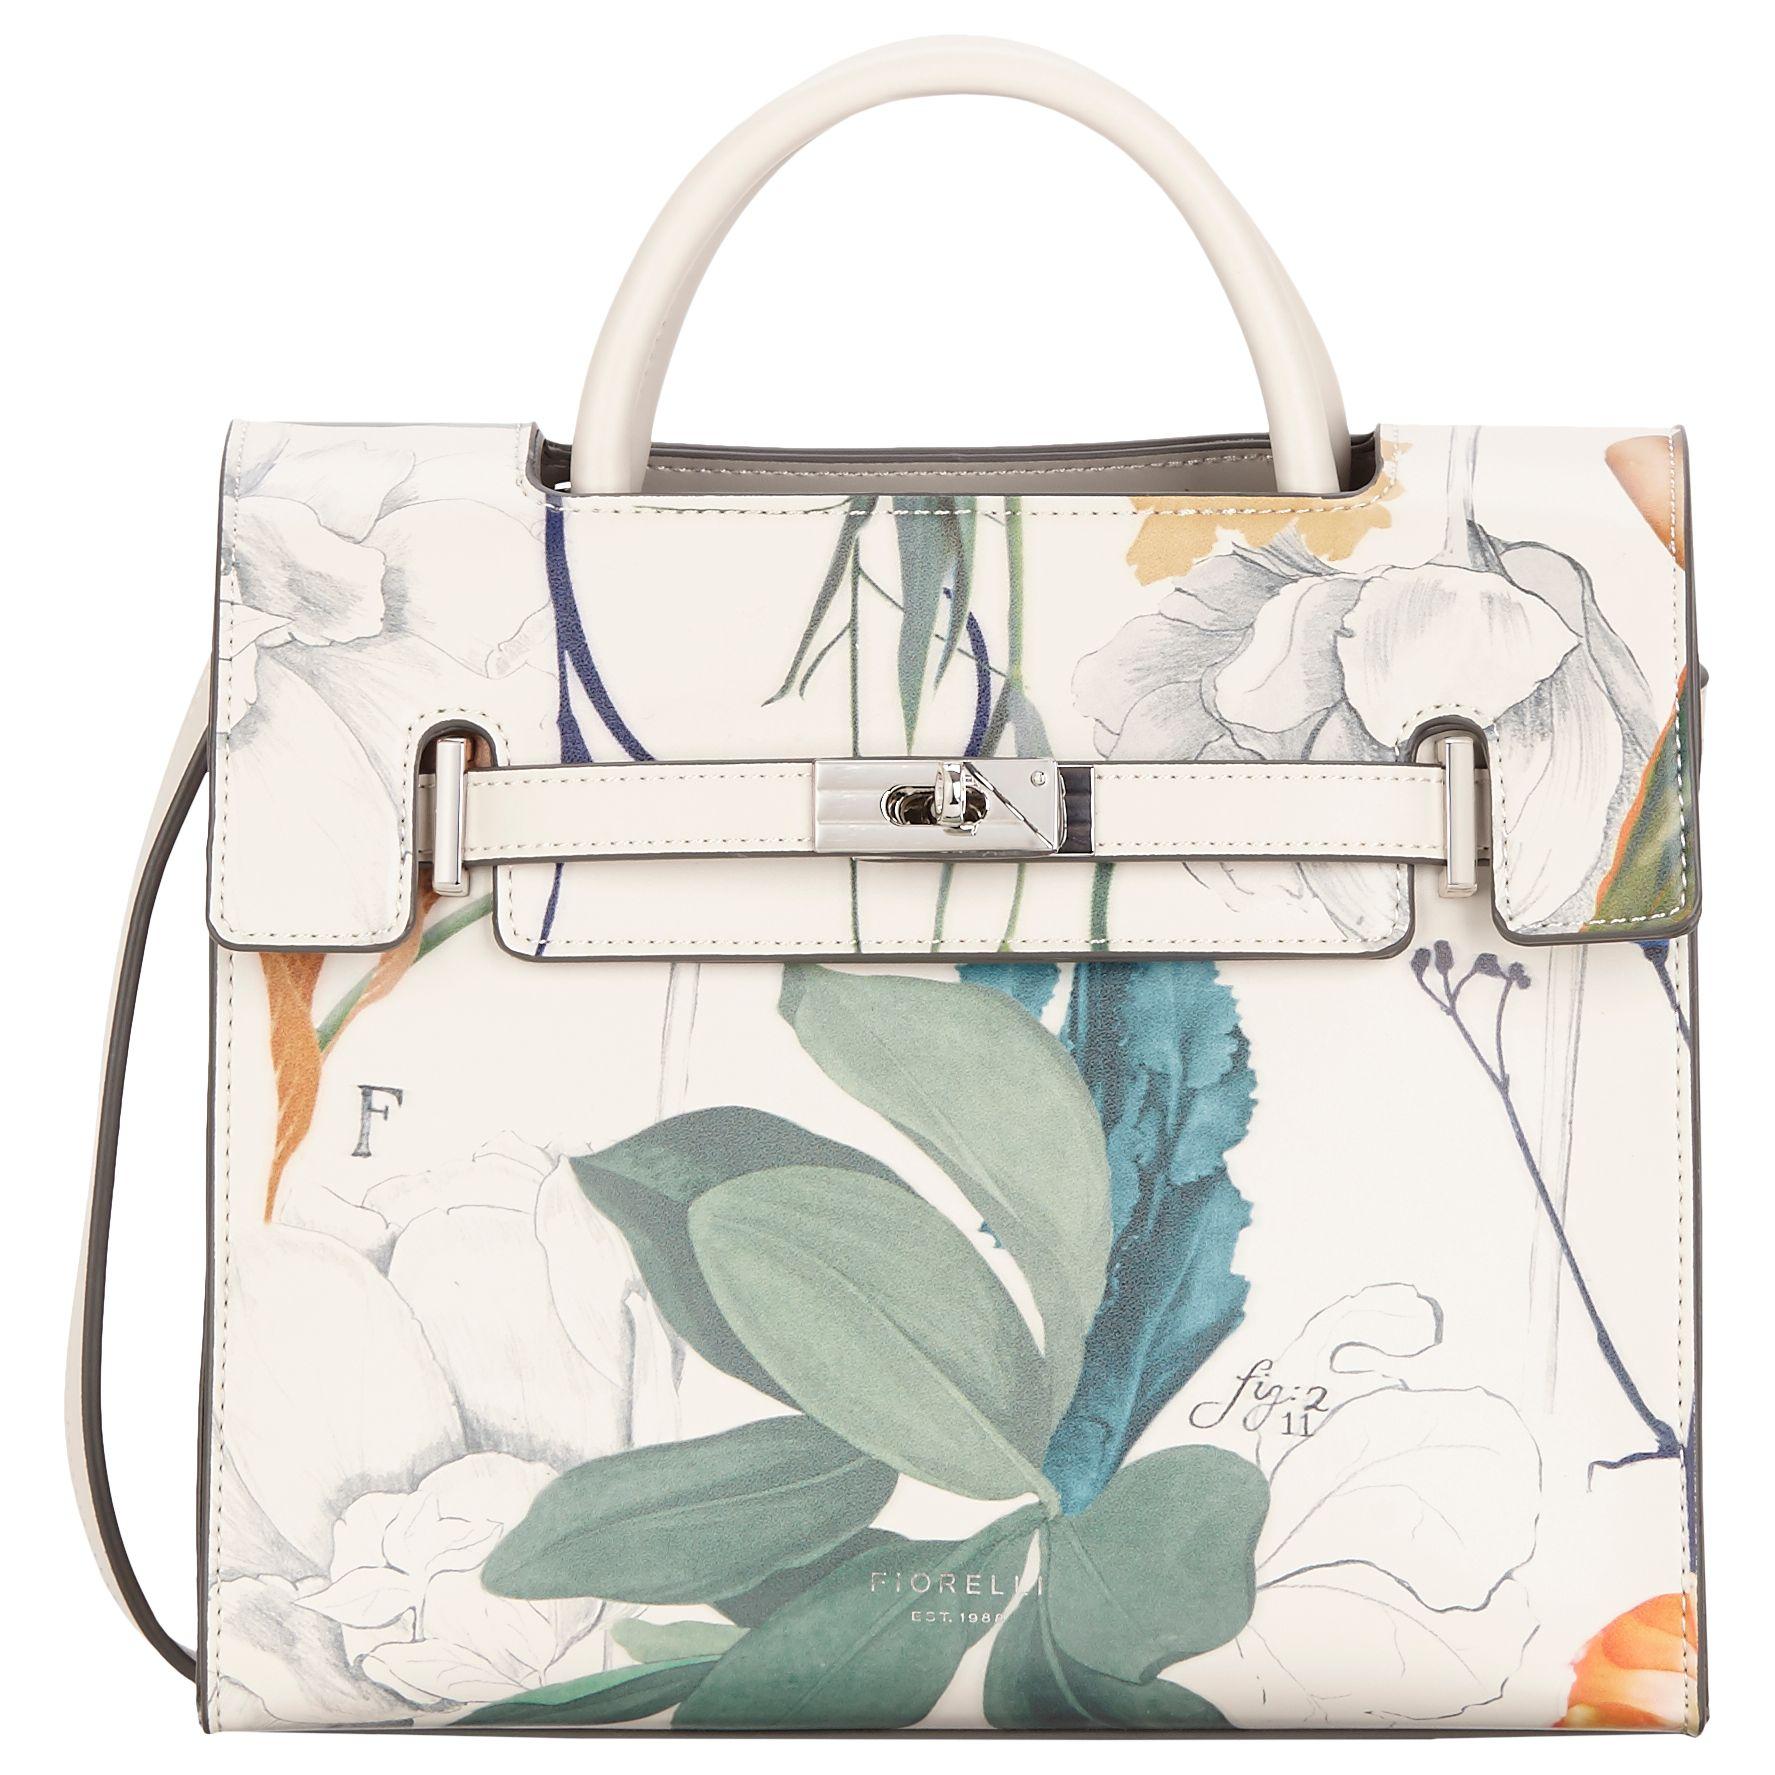 Fiorelli Fiorelli Harlow Mini Tote Bag